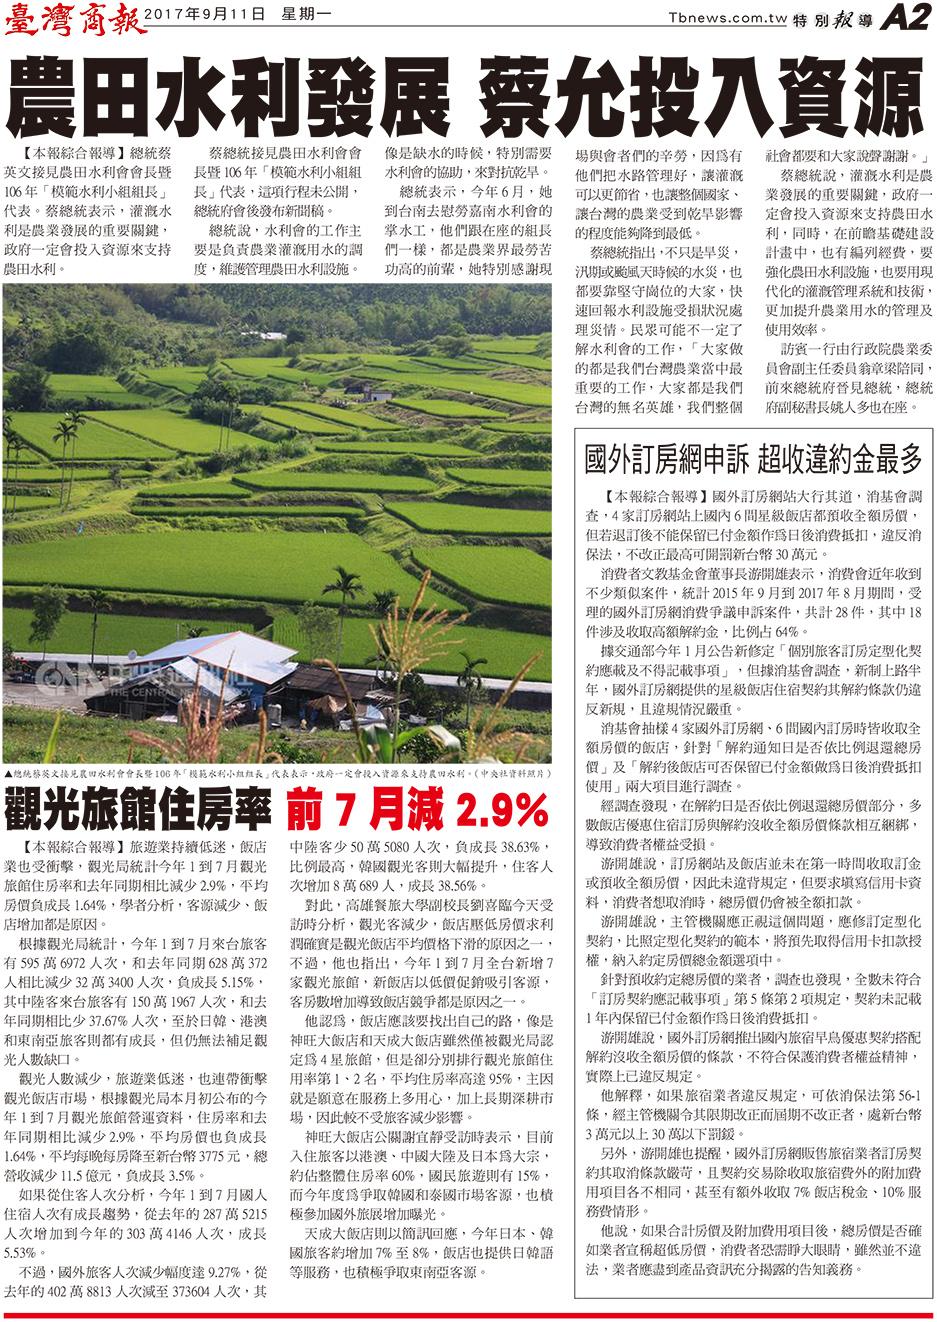 農田水利發展 蔡允投入資源